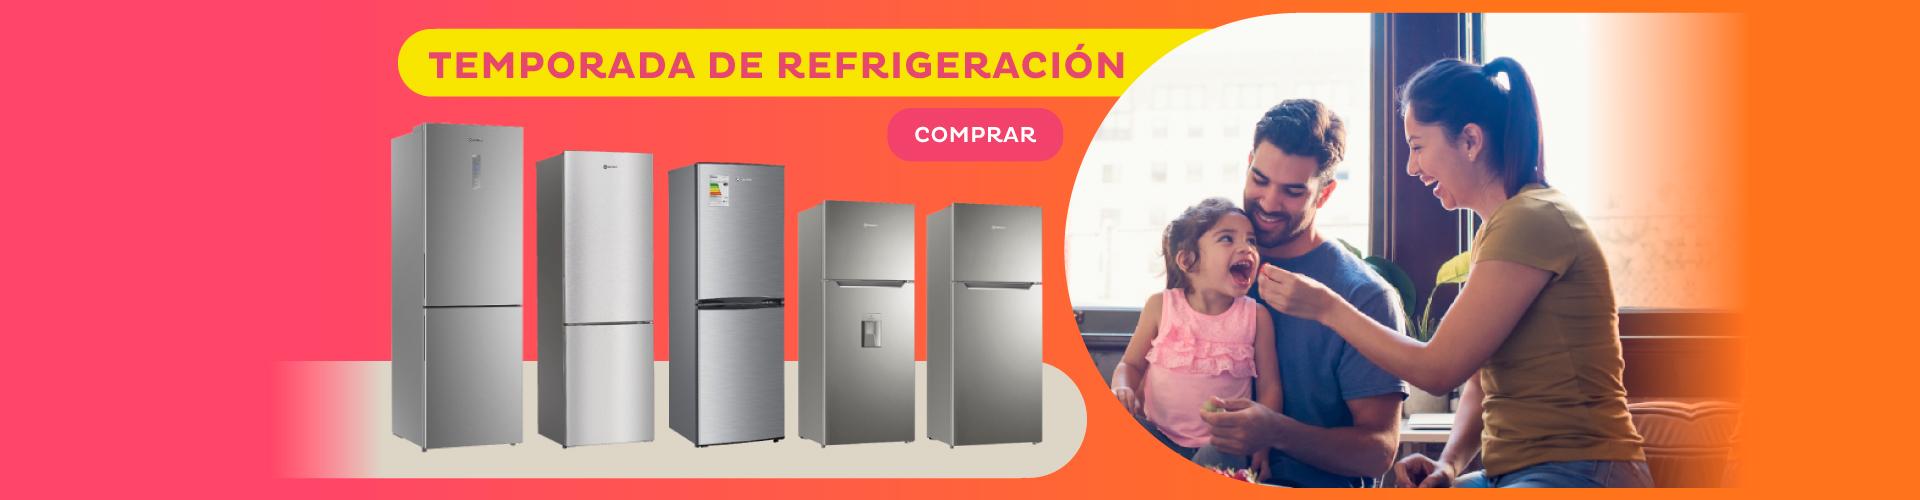 temporada de refrigeracion